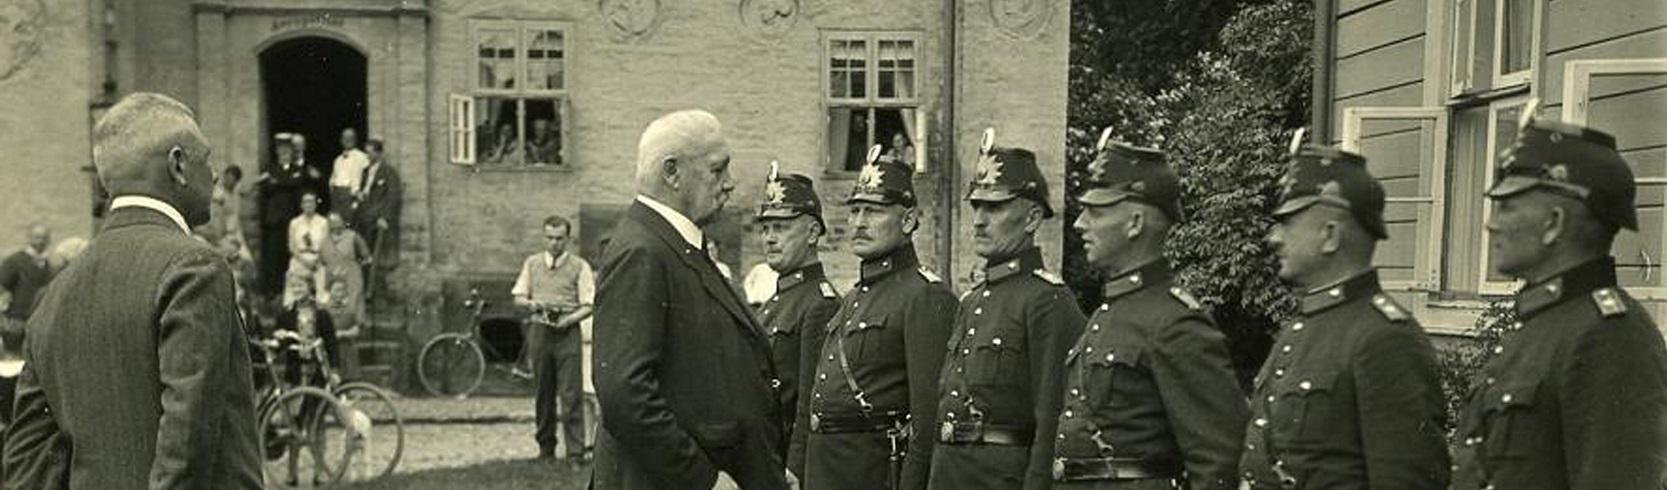 Layerslider-Hindenburg